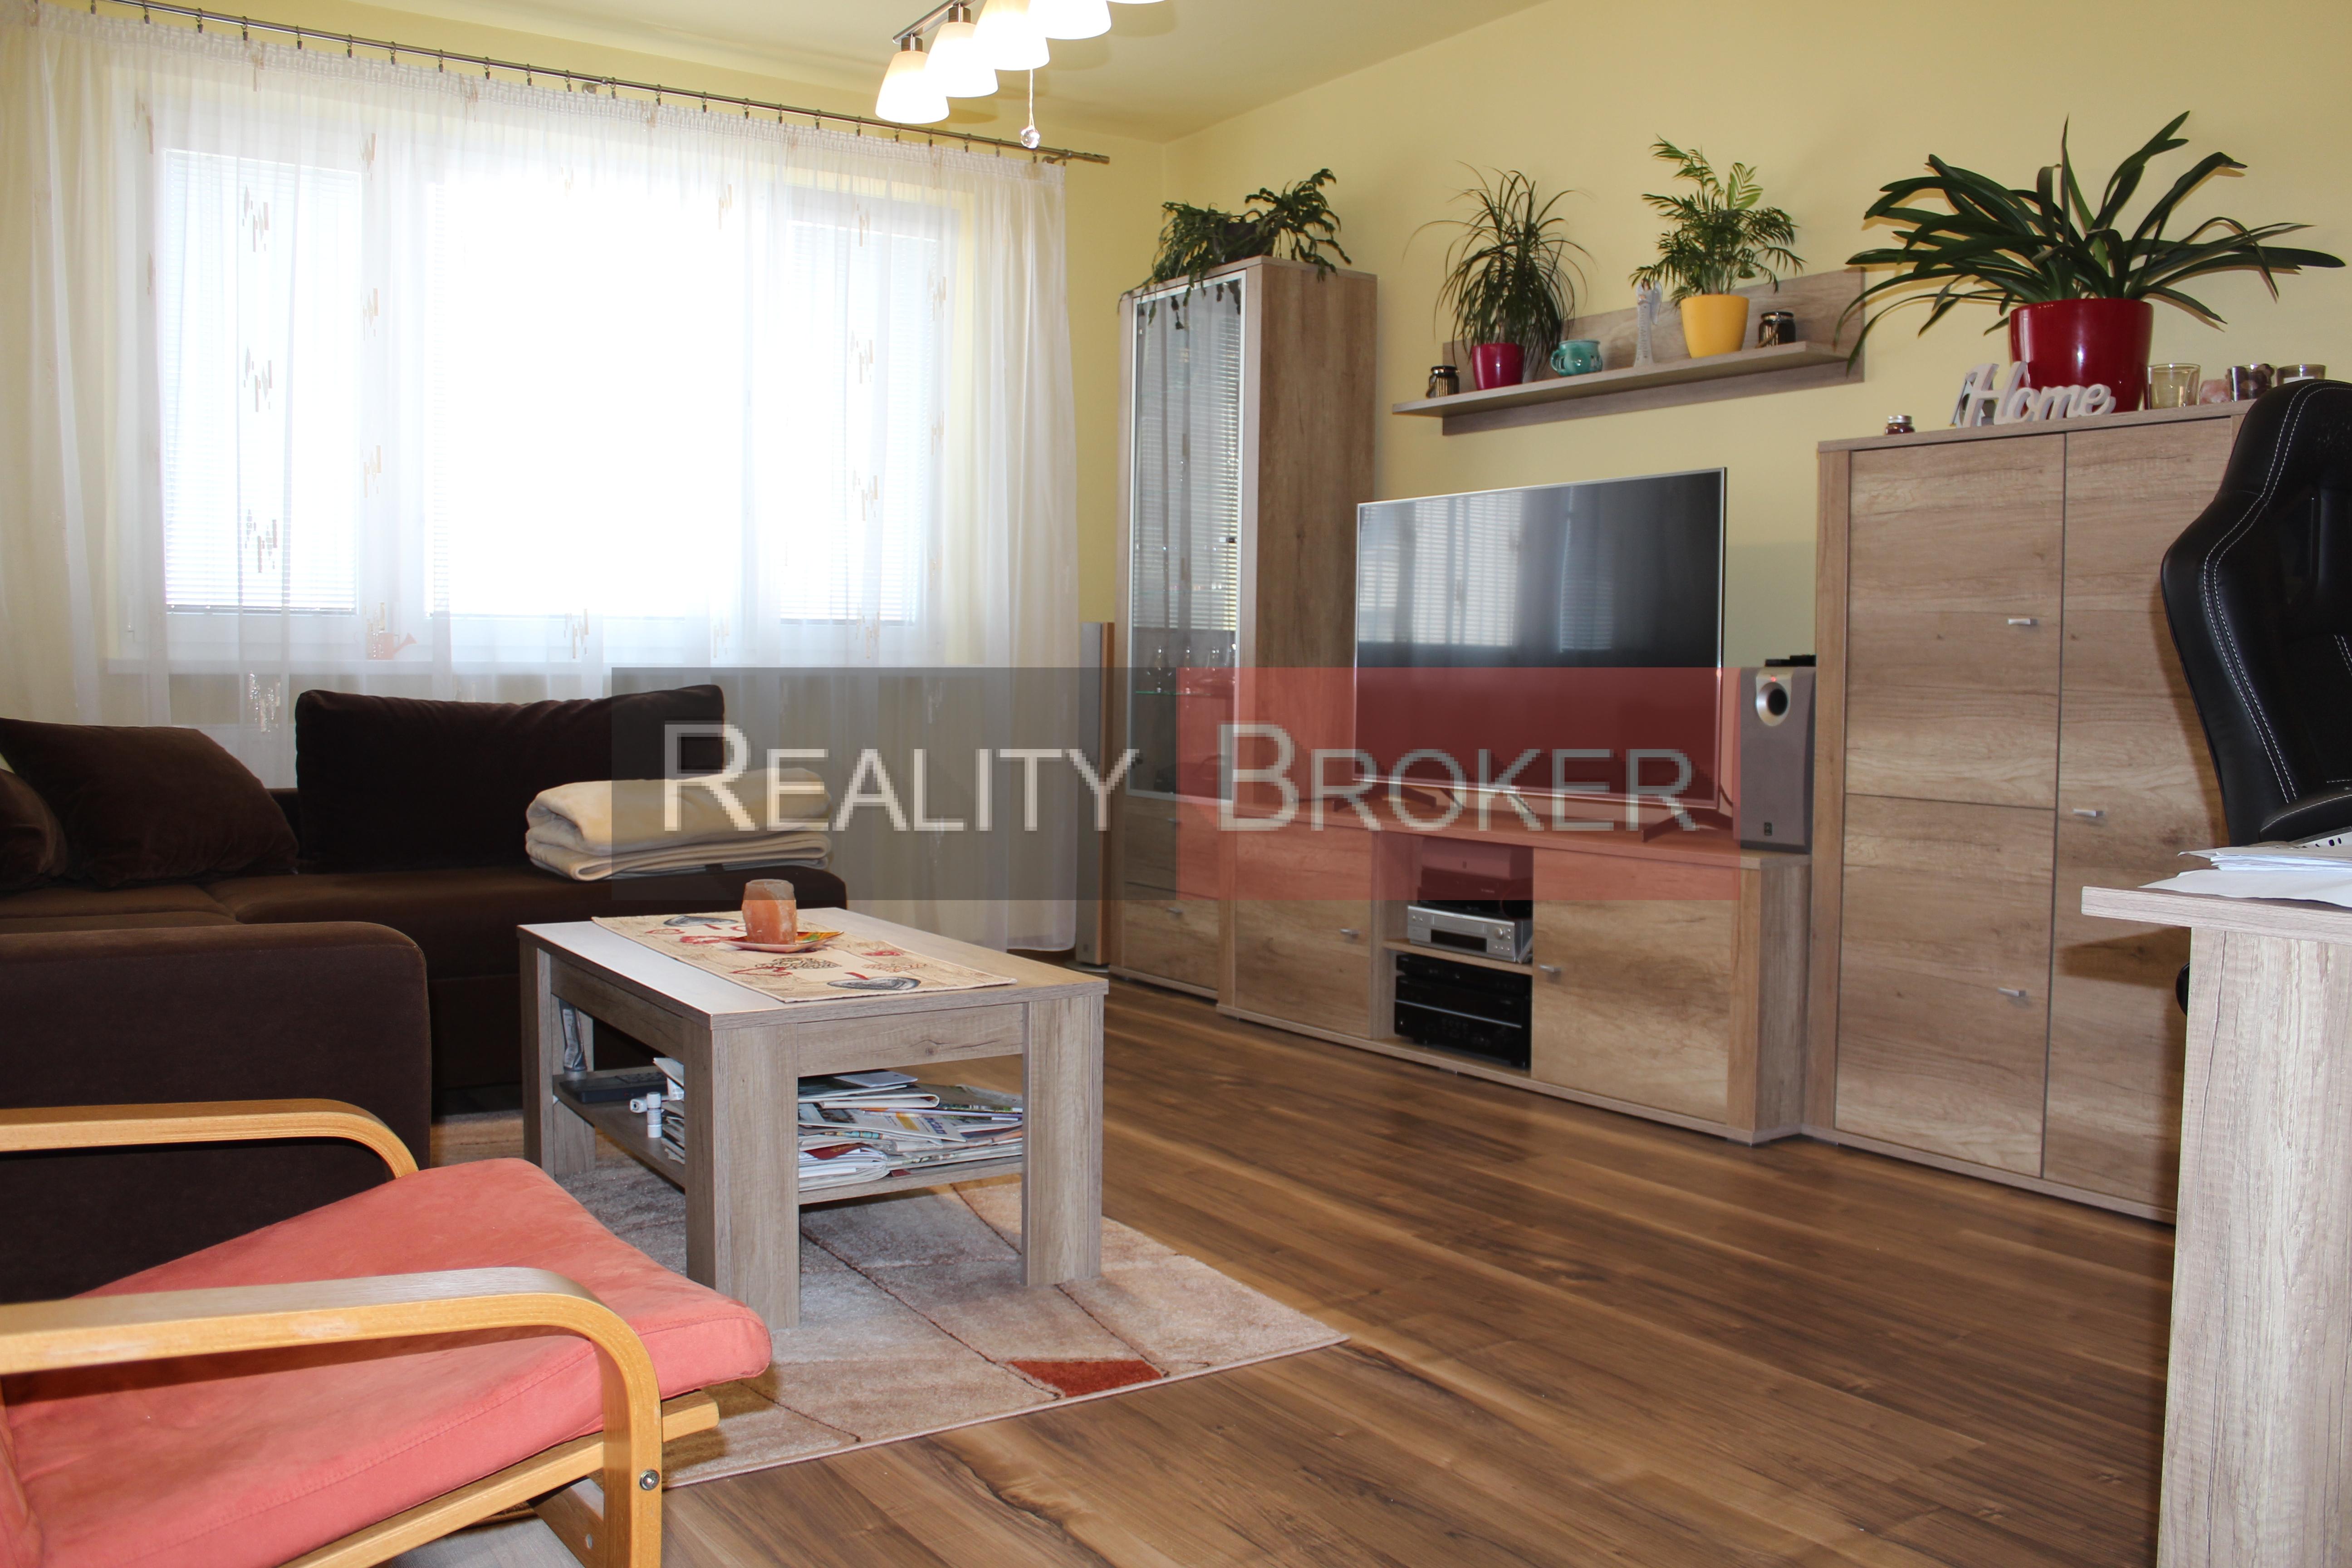 REZERVOVANÉ – REALITY BROKER ponúka na predaj veľmi pekný, priestranný 3 izb. byt v centre mesta – po kompletnej rekonštrukcii